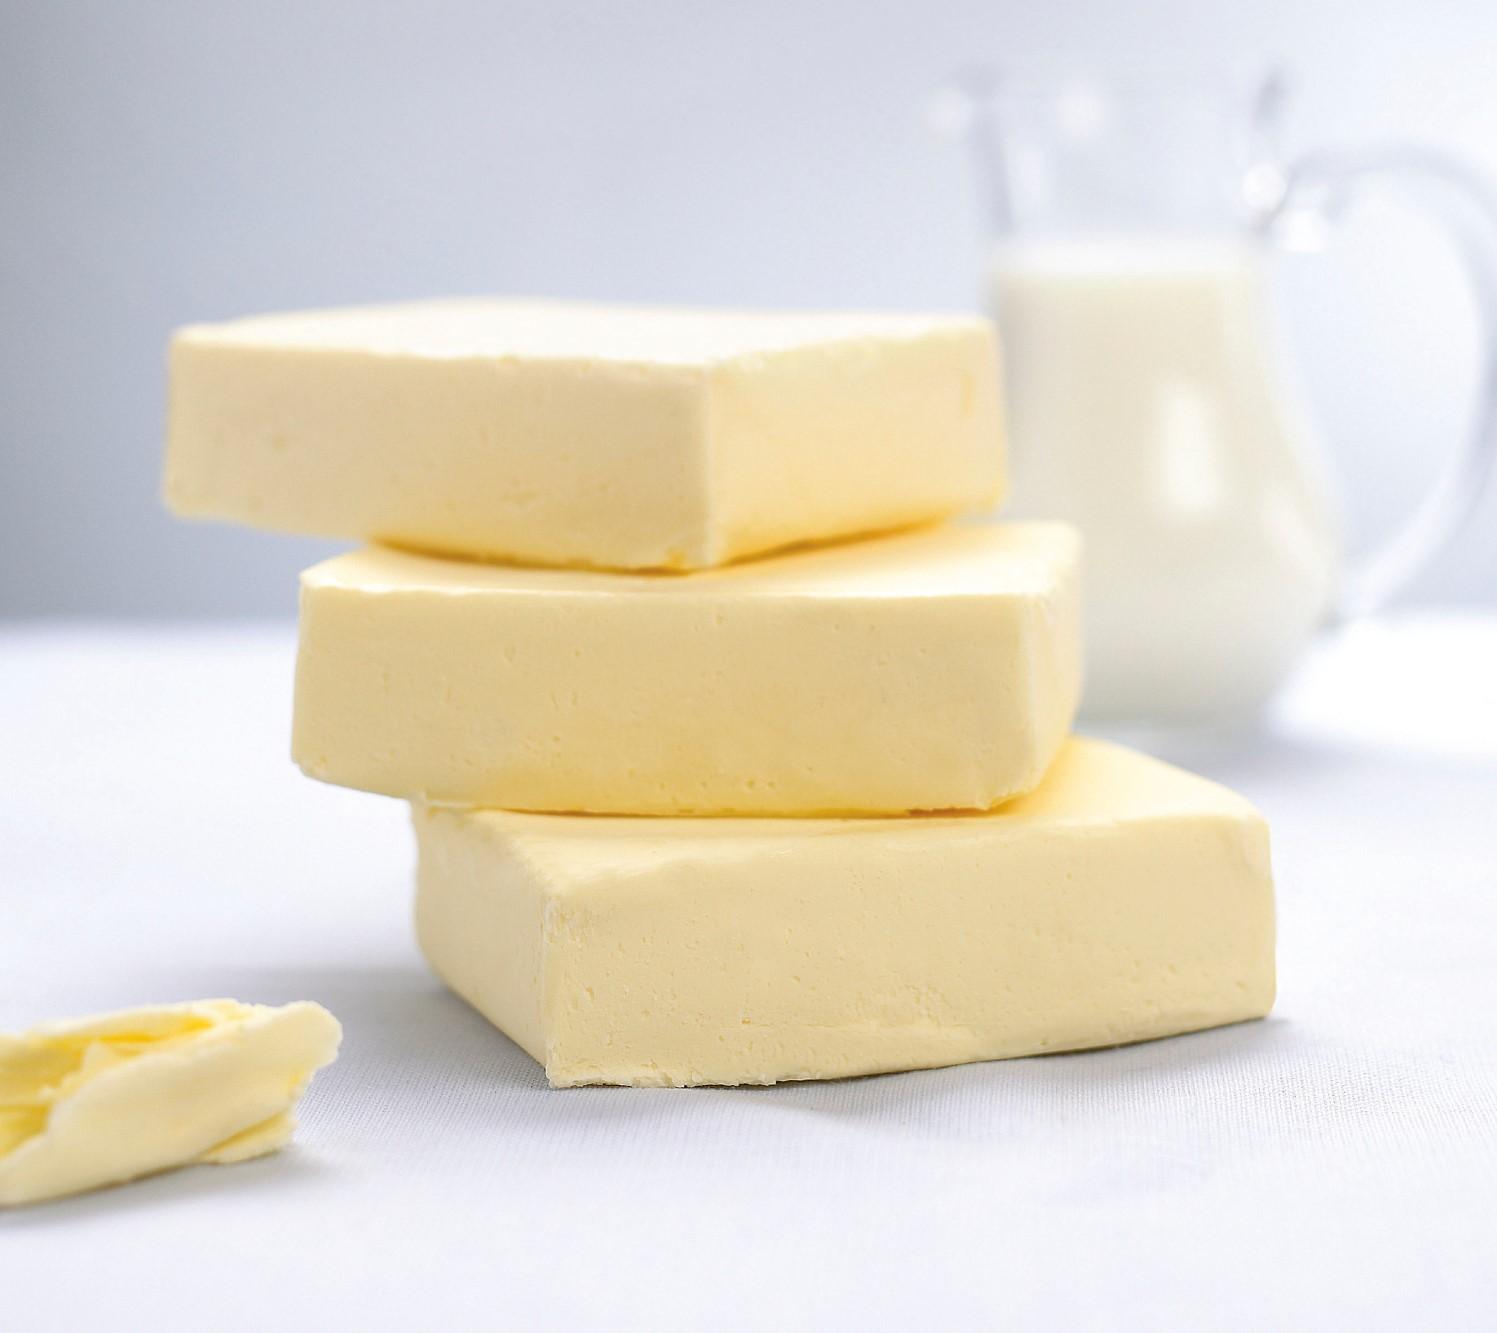 cách chọn bơ 2 cách chọn bơ Cách chọn bơ ngon và chất lượng khi làm bánh cach chon bo 2